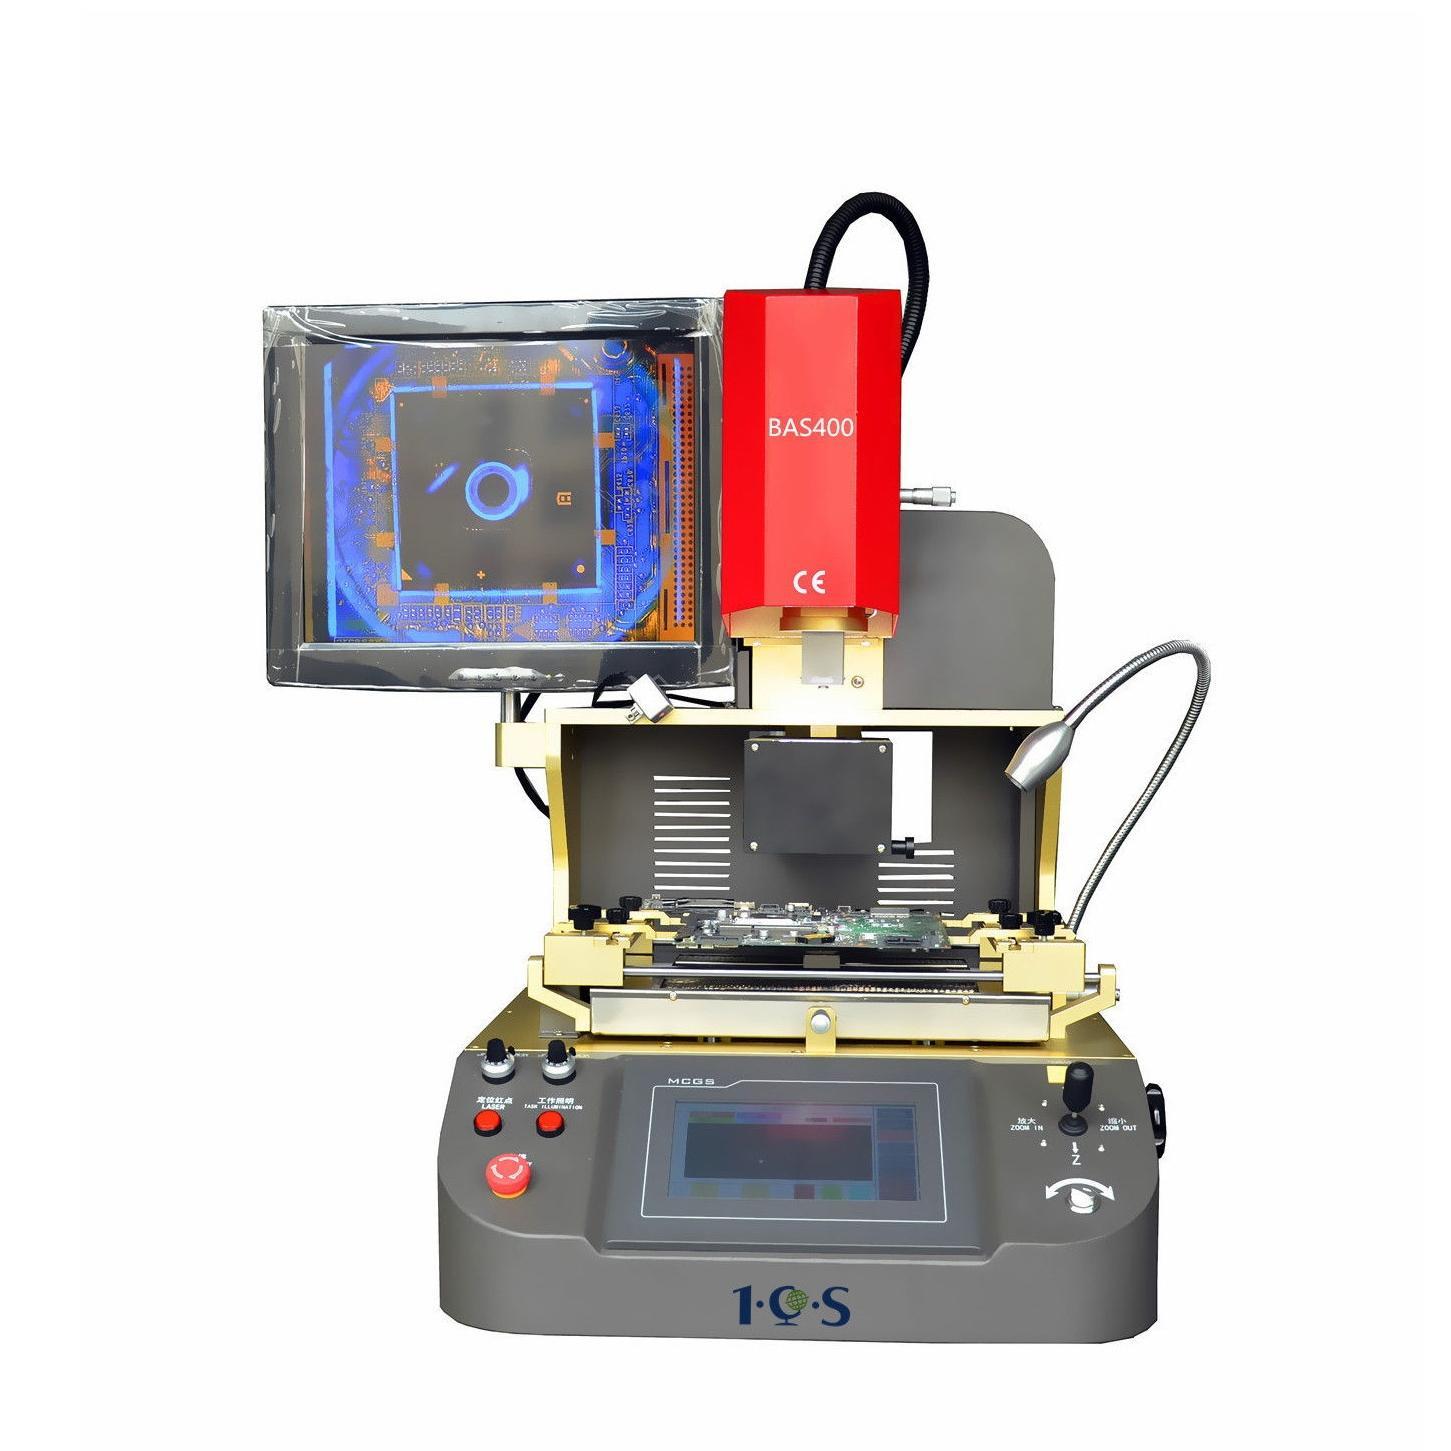 PCB Repair Equipment